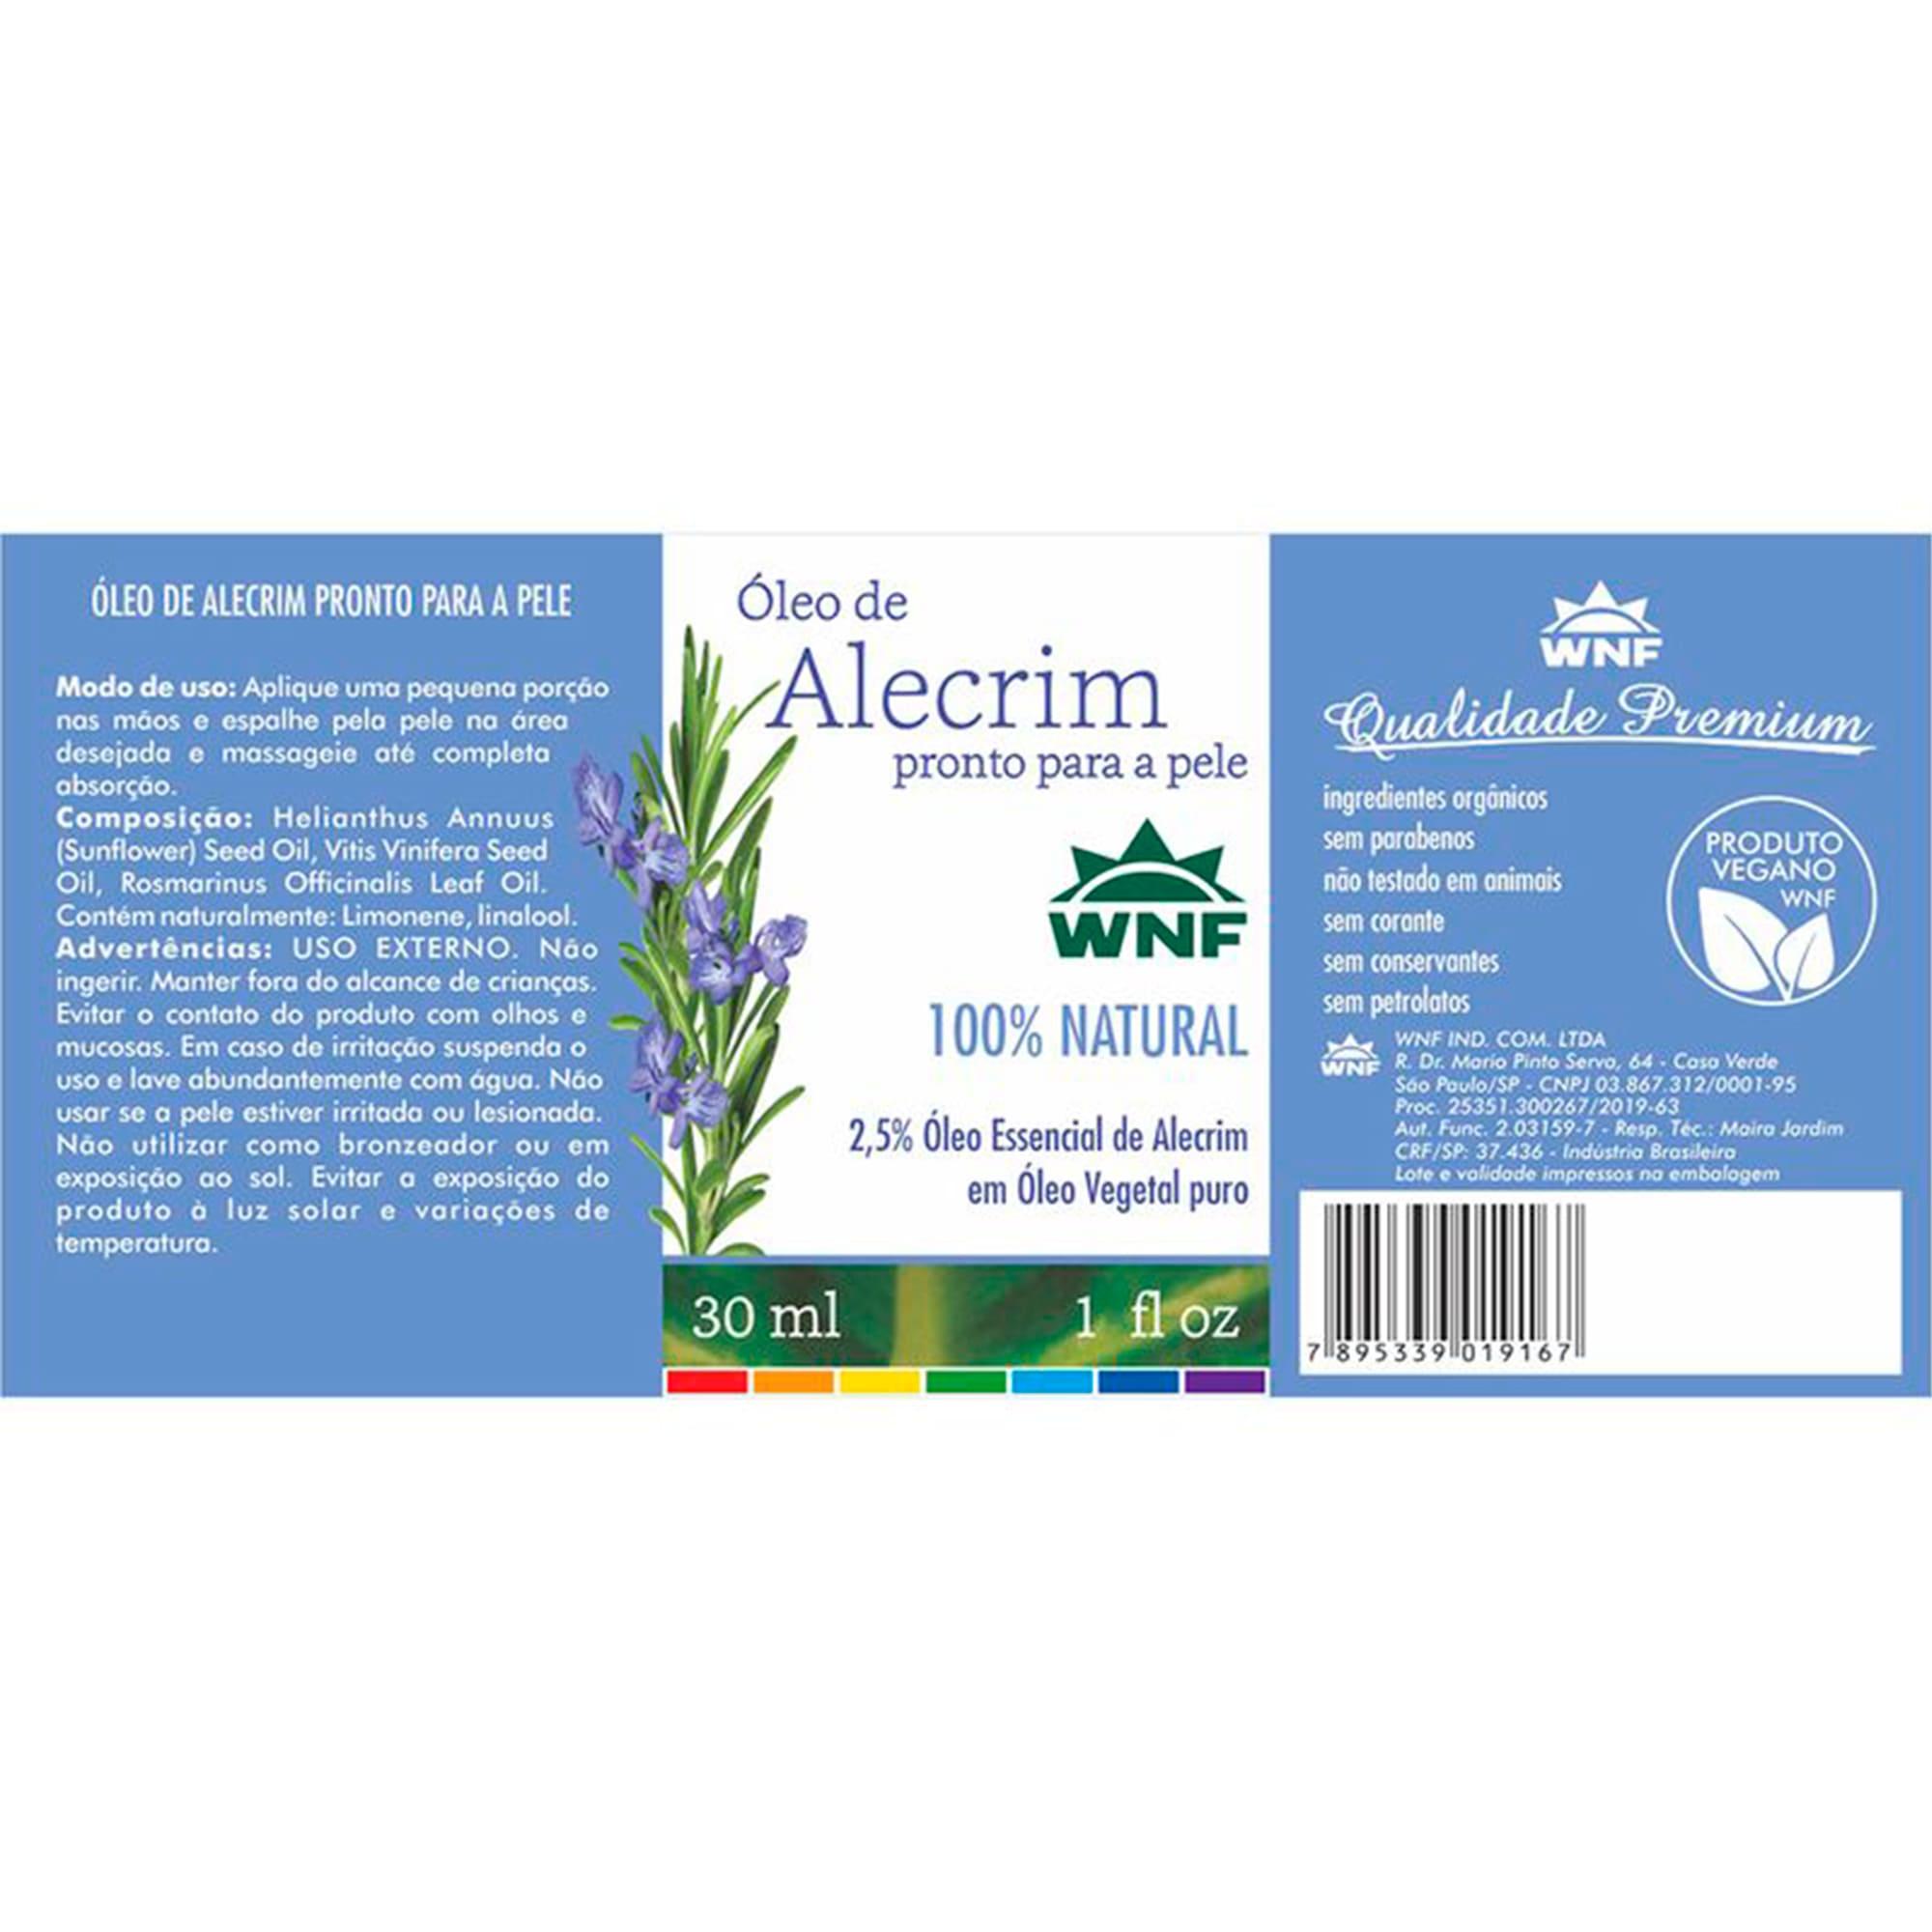 Óleo de Alecrim 30ml - Pronto para pele  WNF